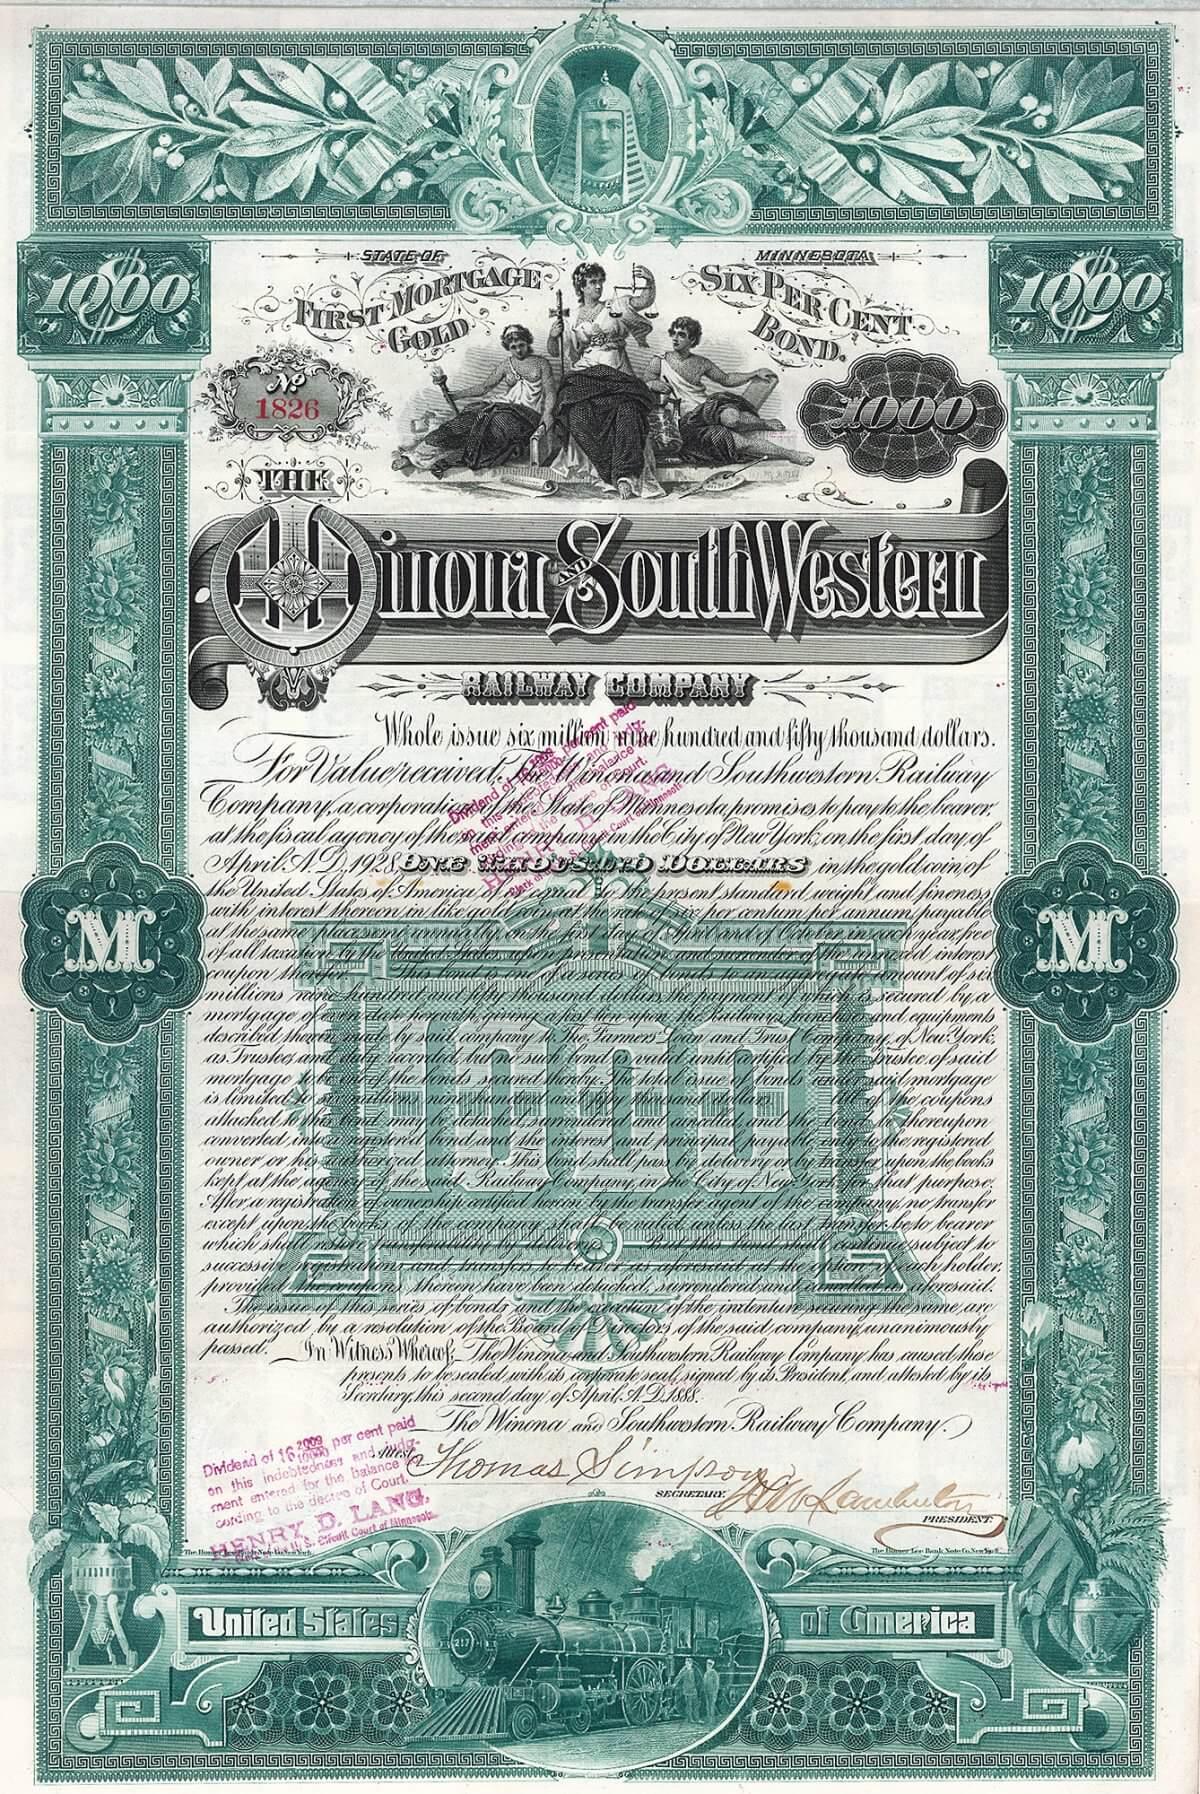 Winona & South Western Railway, Gold Bond über 1000 US-$ von 1888. Bei dieser Bahn langte das Geld vorne und hinten nicht: Bei Ausgabe dieser Wertpapiere waren (über 30 Jahre nach der Gründung!) gerade einmal 20 der geplanten 380 Meilen in Betrieb.